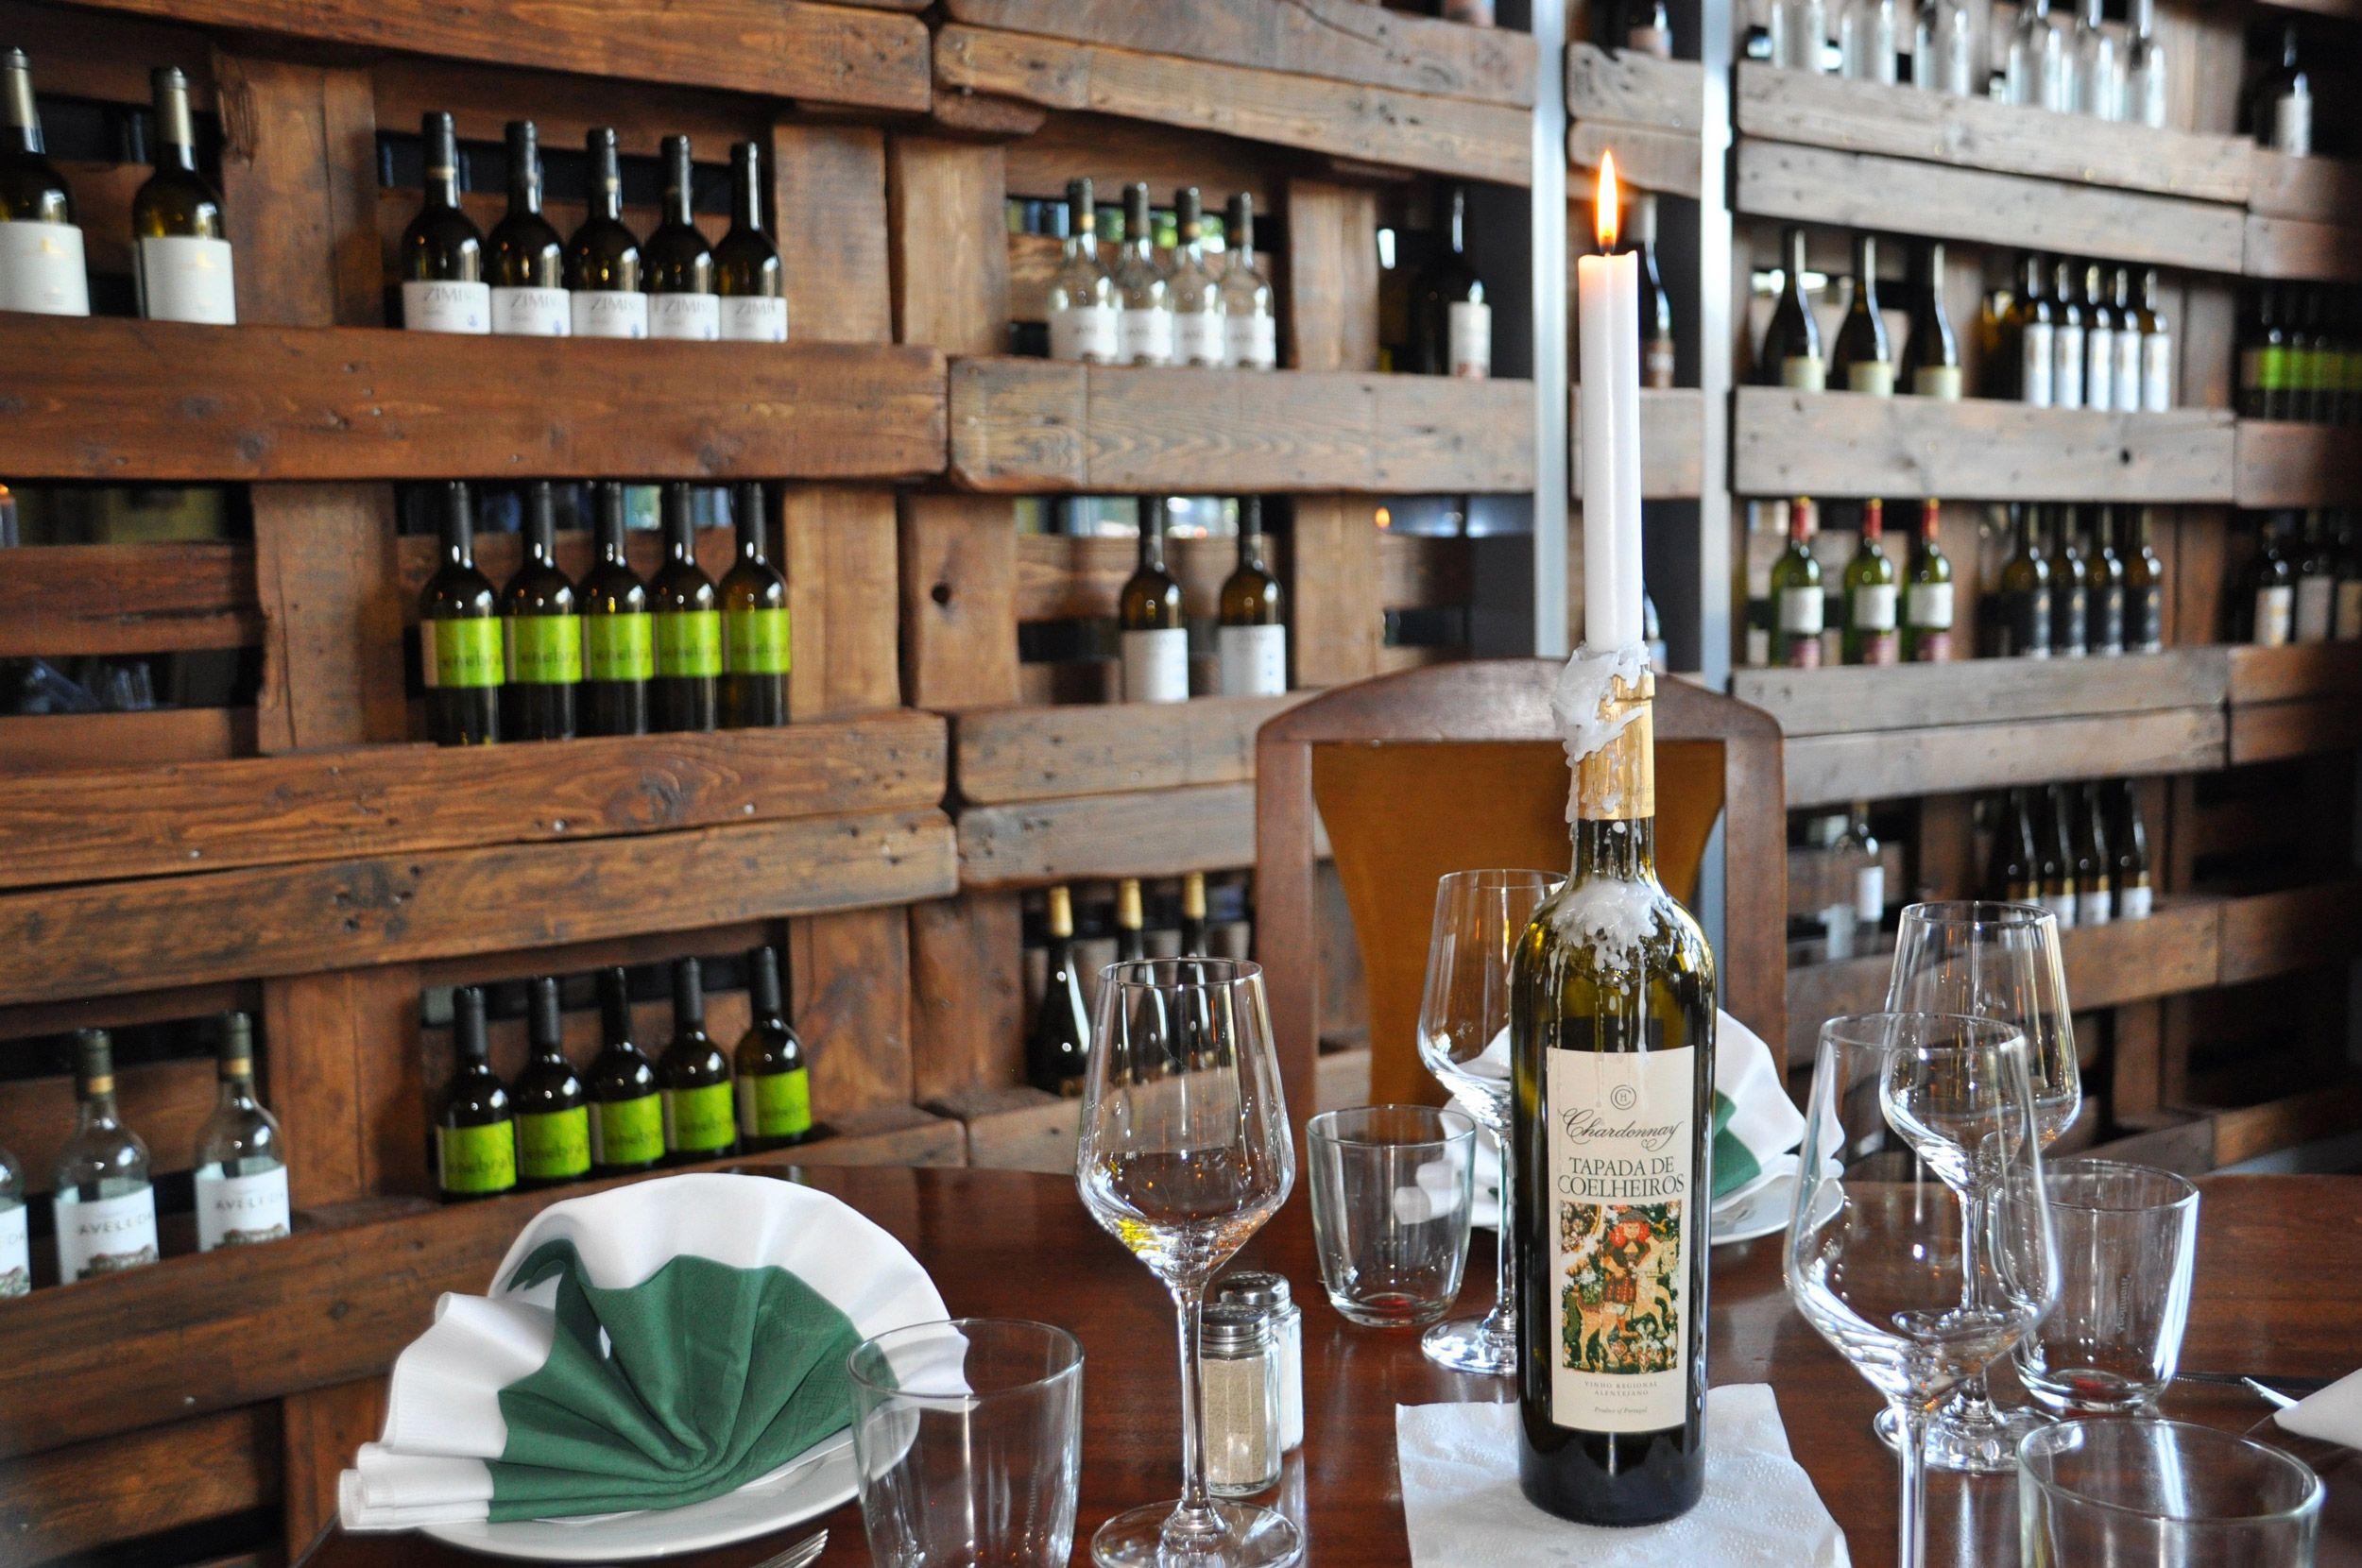 Aktuelles El Pulpo Portugiesische Und Spanische Kuche Hamburg El Pulpo Restaurant Spanische Kuche Kuche Restaurant